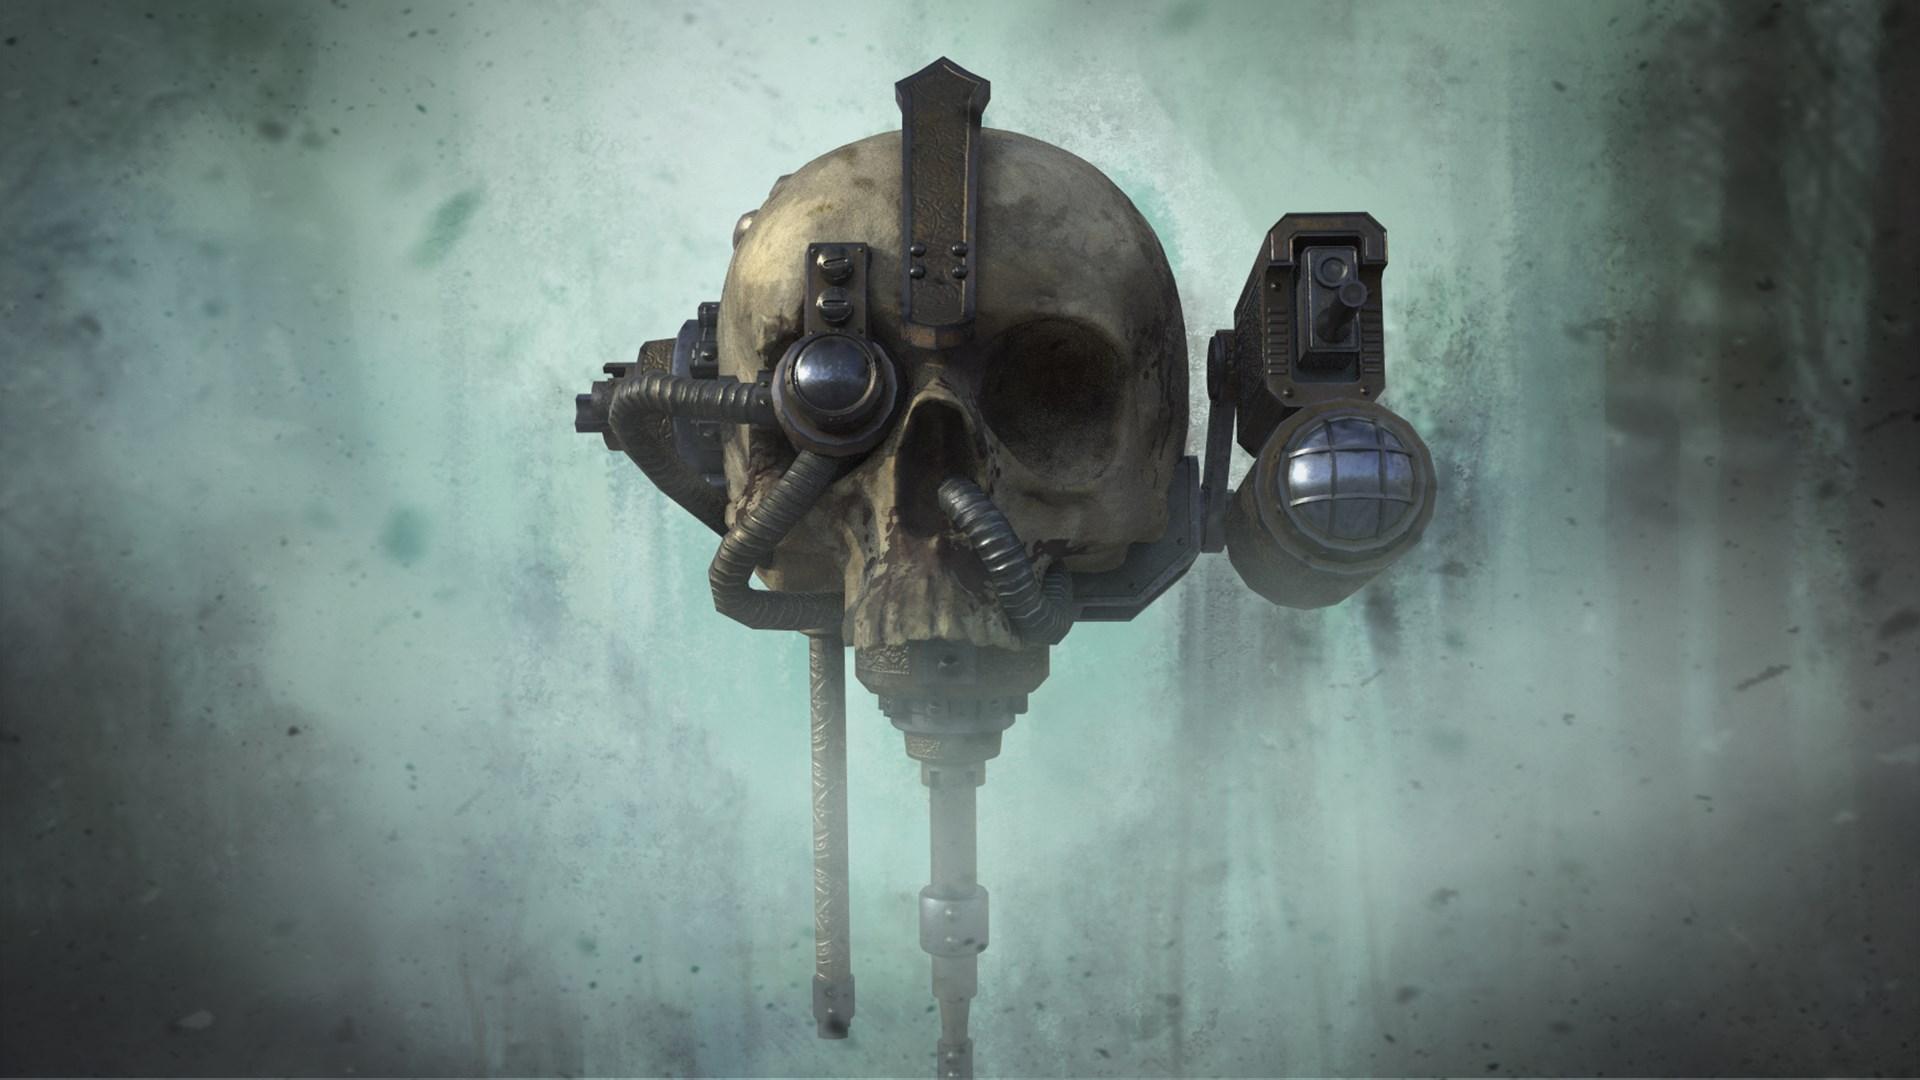 Warhammer 40,000: Inquisitor - Martyr |Servo-skull